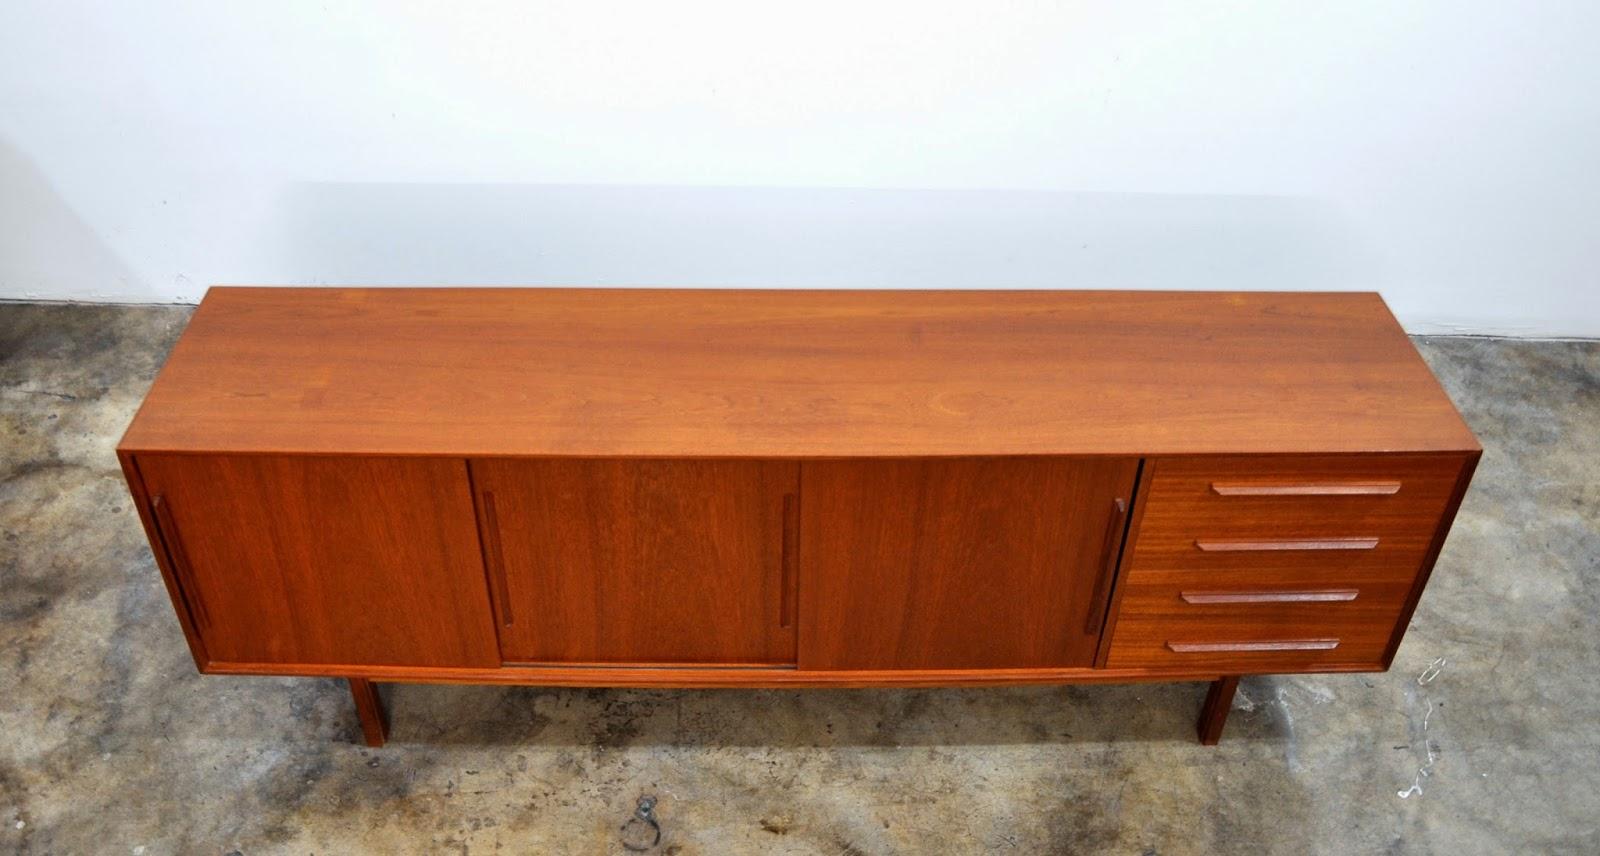 Dyrlund Danish Credenza : Select modern dyrlund teak credenza bar sideboard buffet with